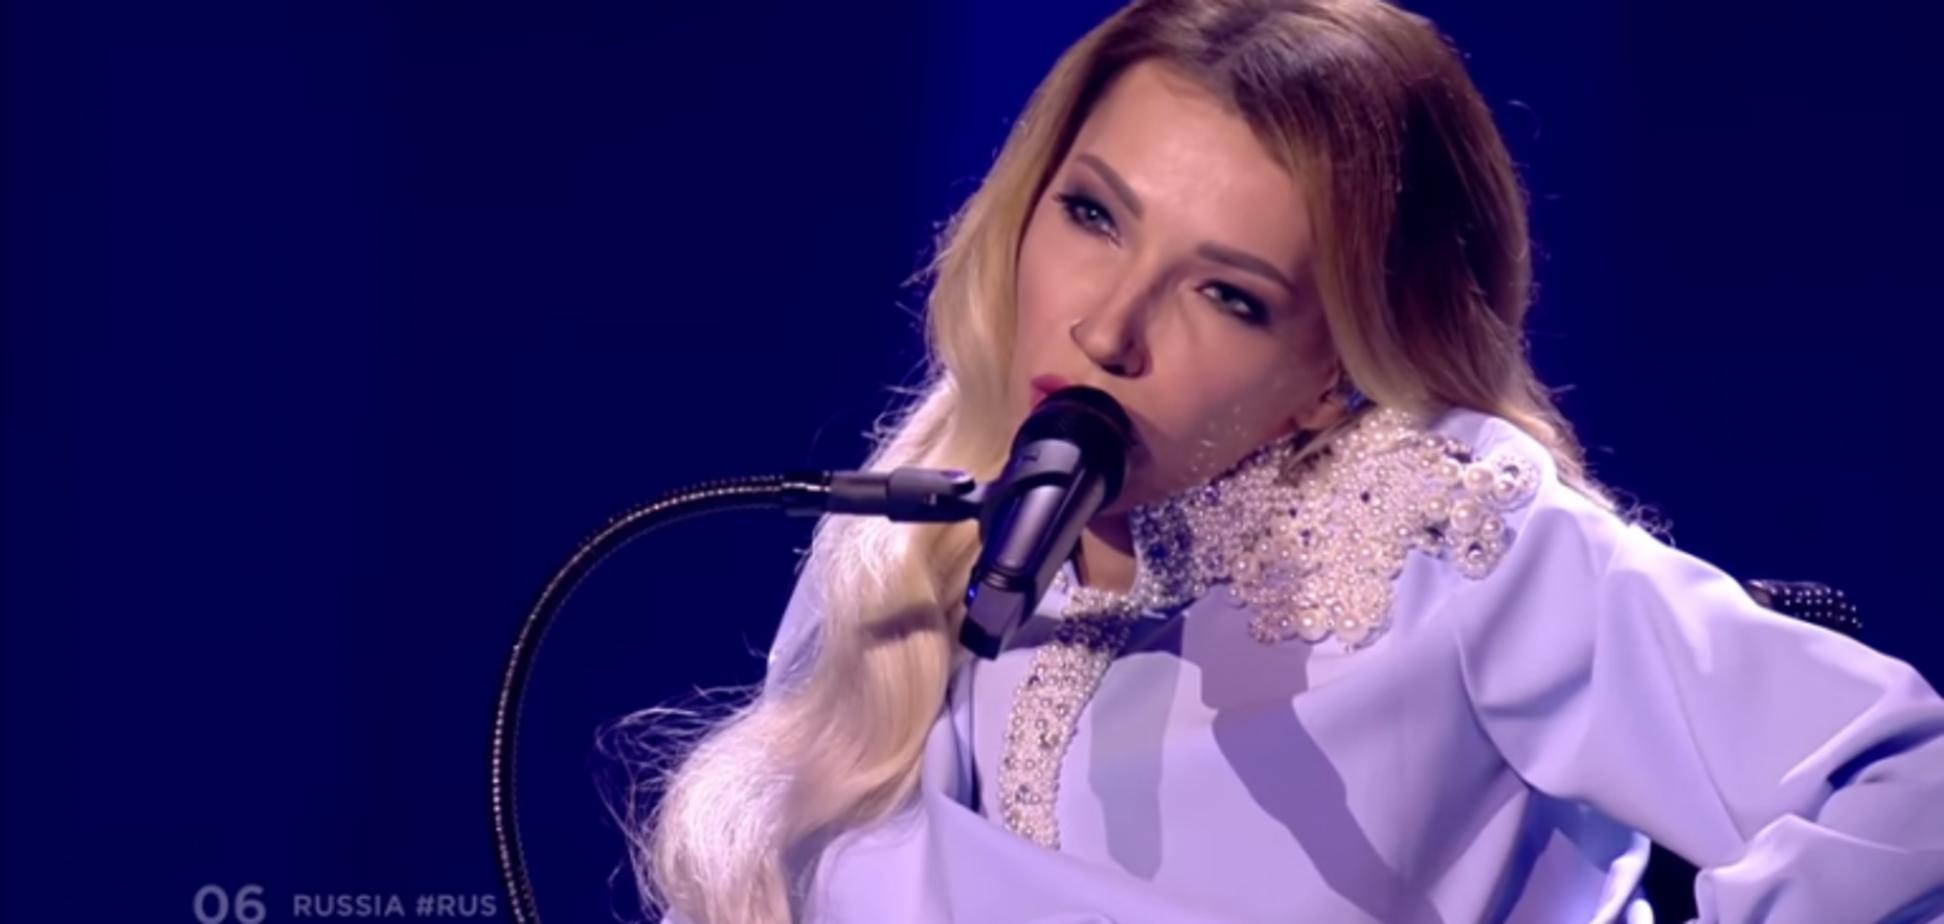 'Заспівала хріново': батько розкритикував Самойлову за 'Євробачення'